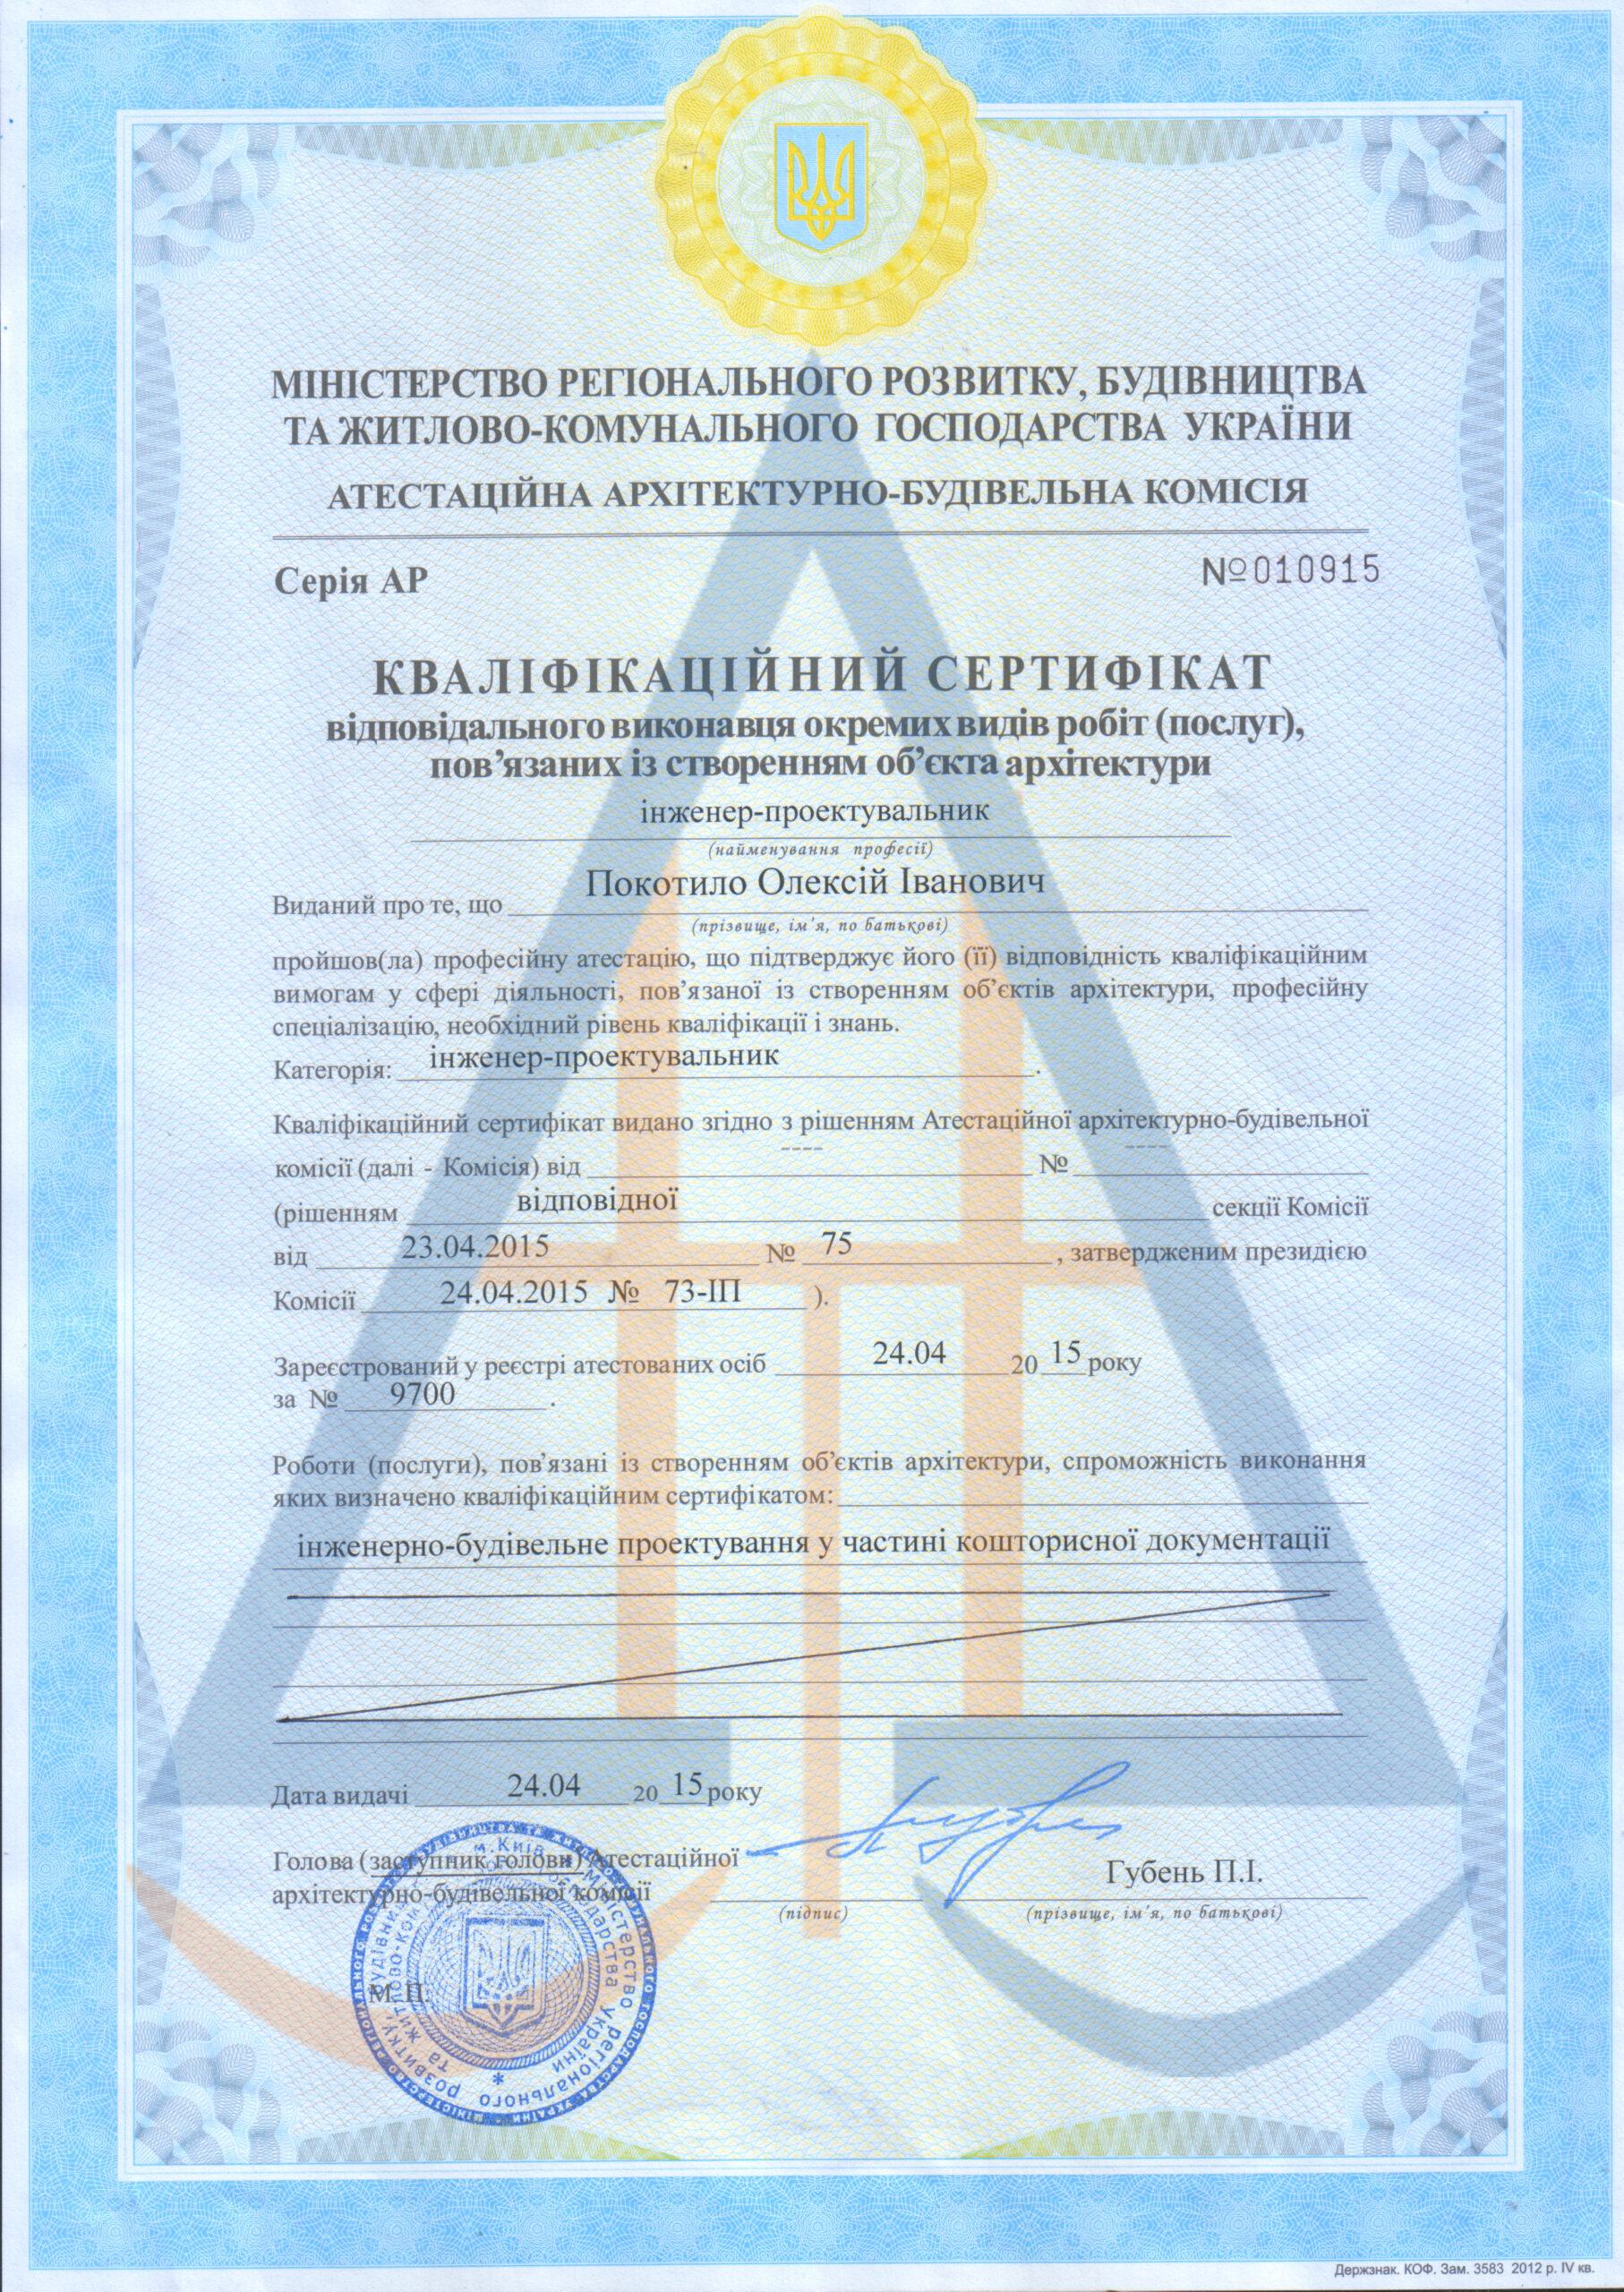 Cертифікат 1 Покотило О. І. інженер-проектувальник